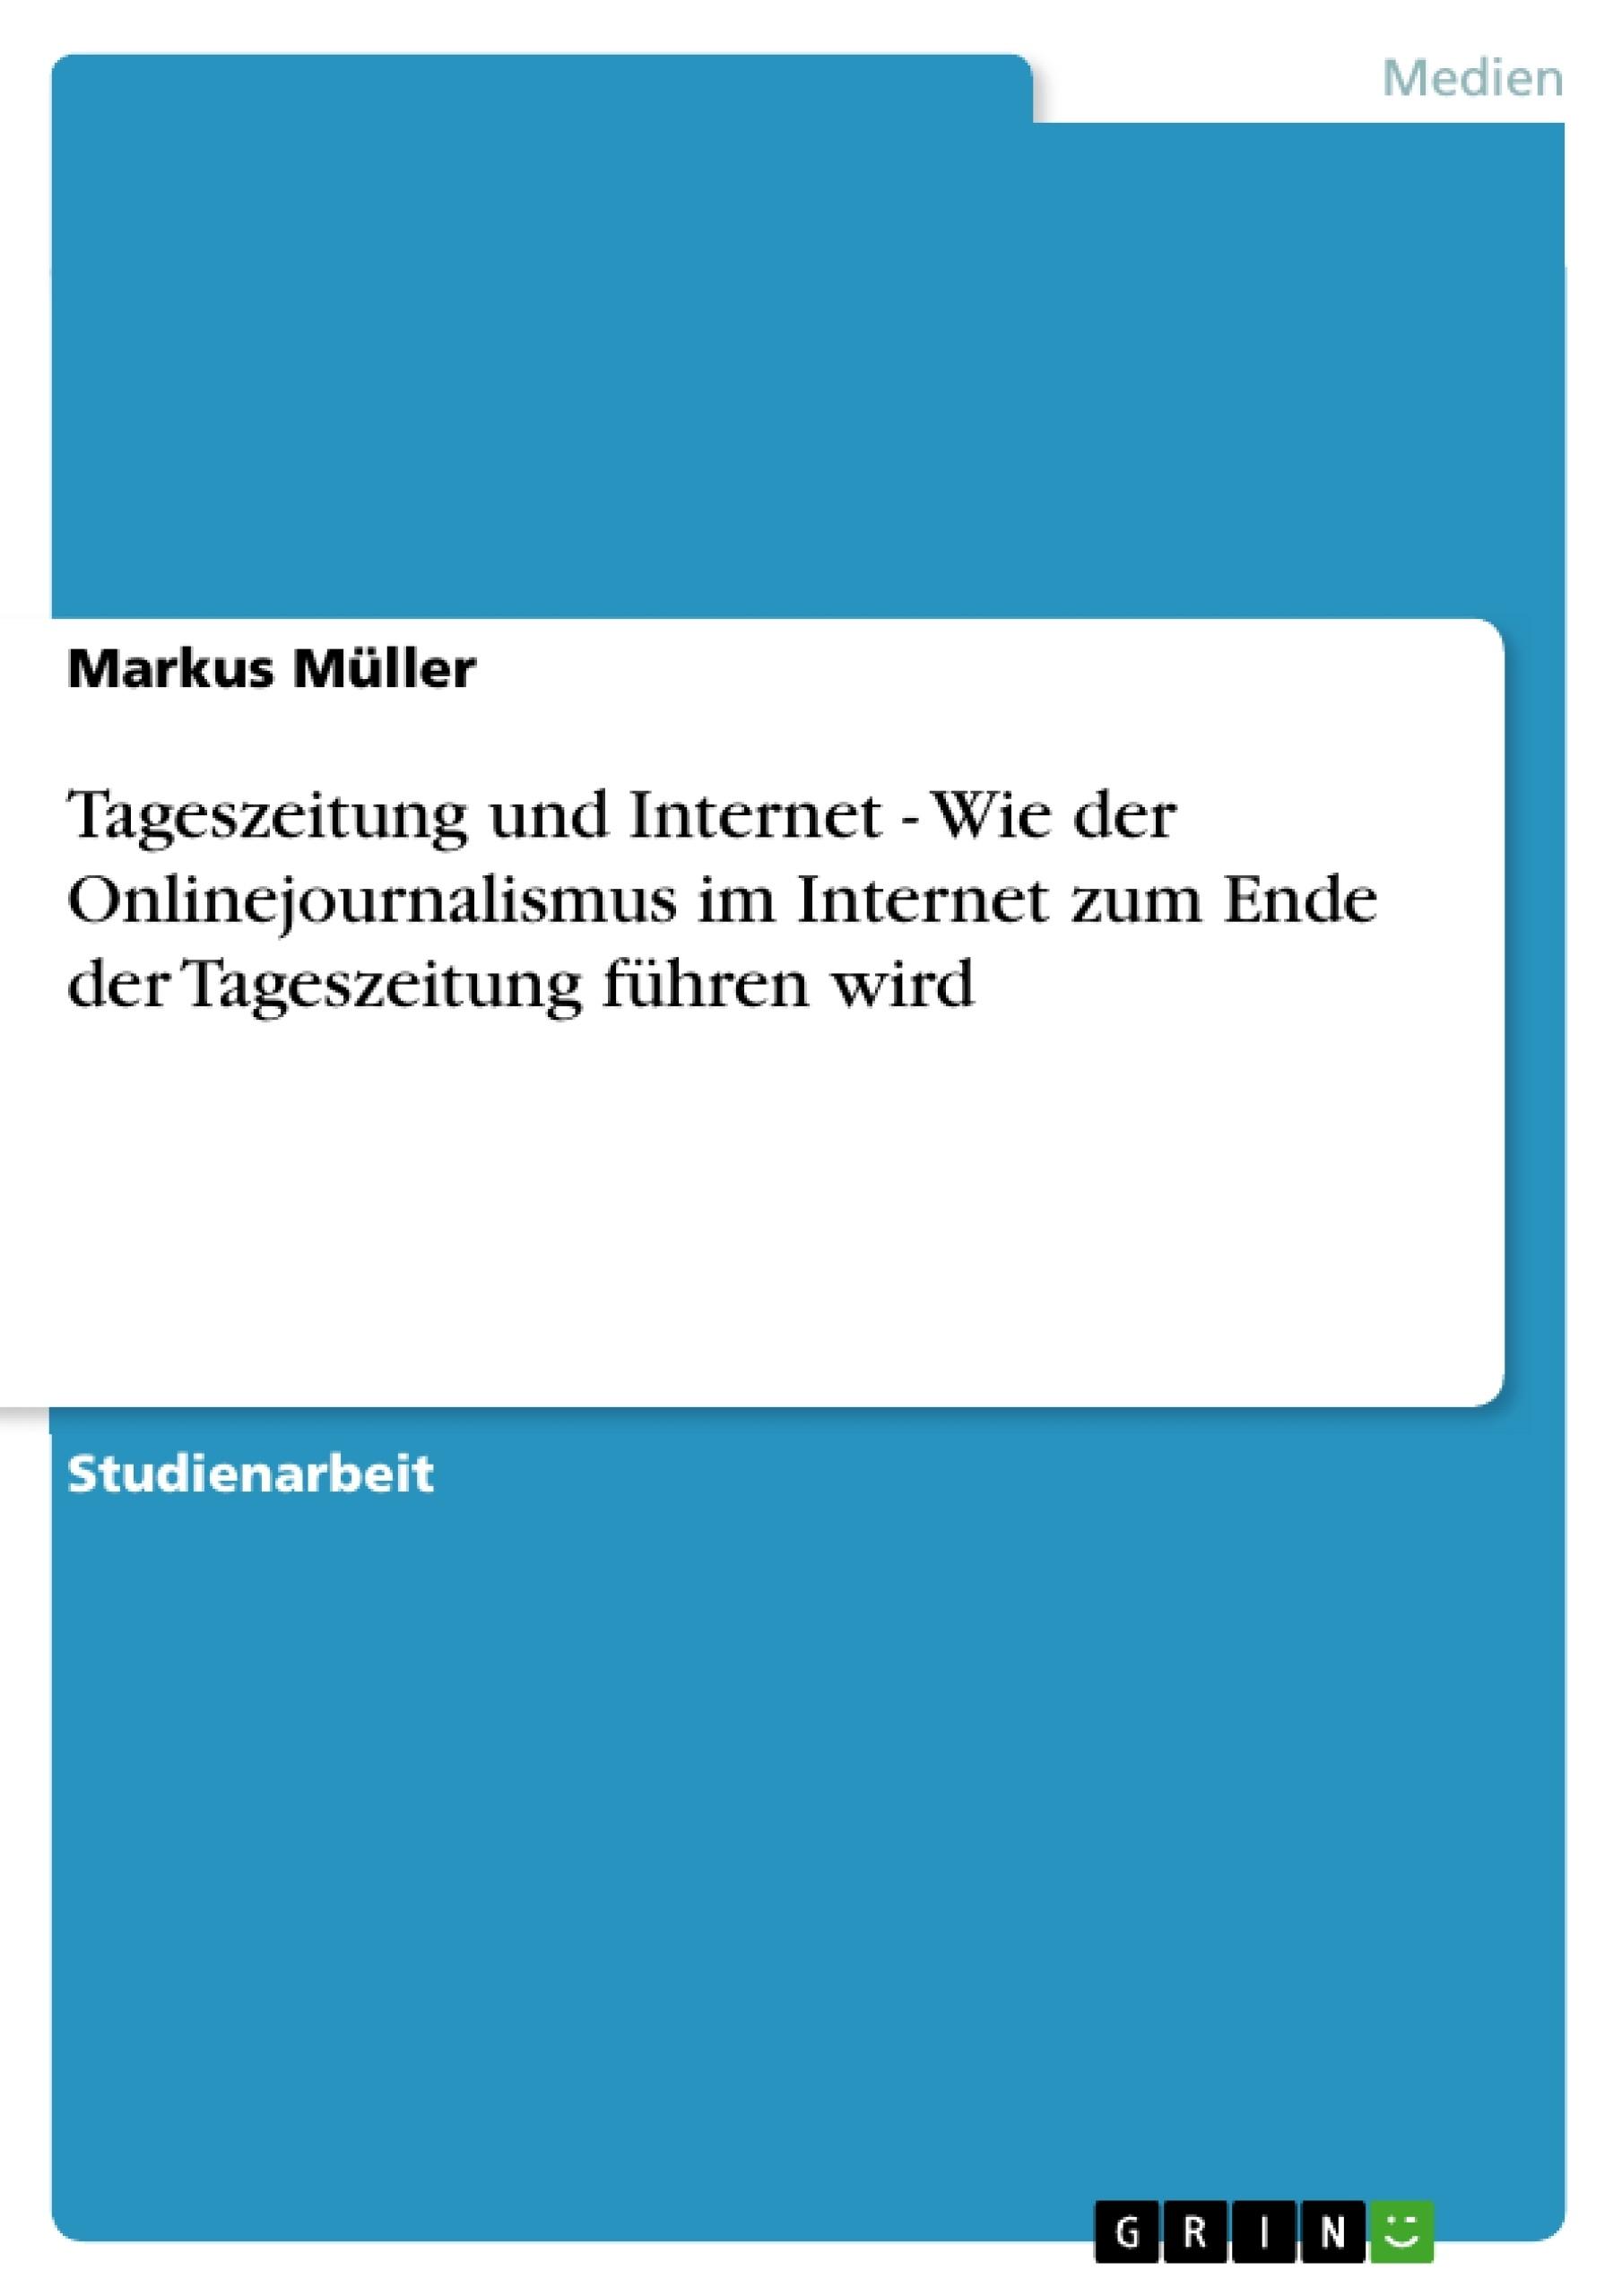 Titel: Tageszeitung und Internet - Wie der Onlinejournalismus im Internet zum Ende der Tageszeitung führen wird